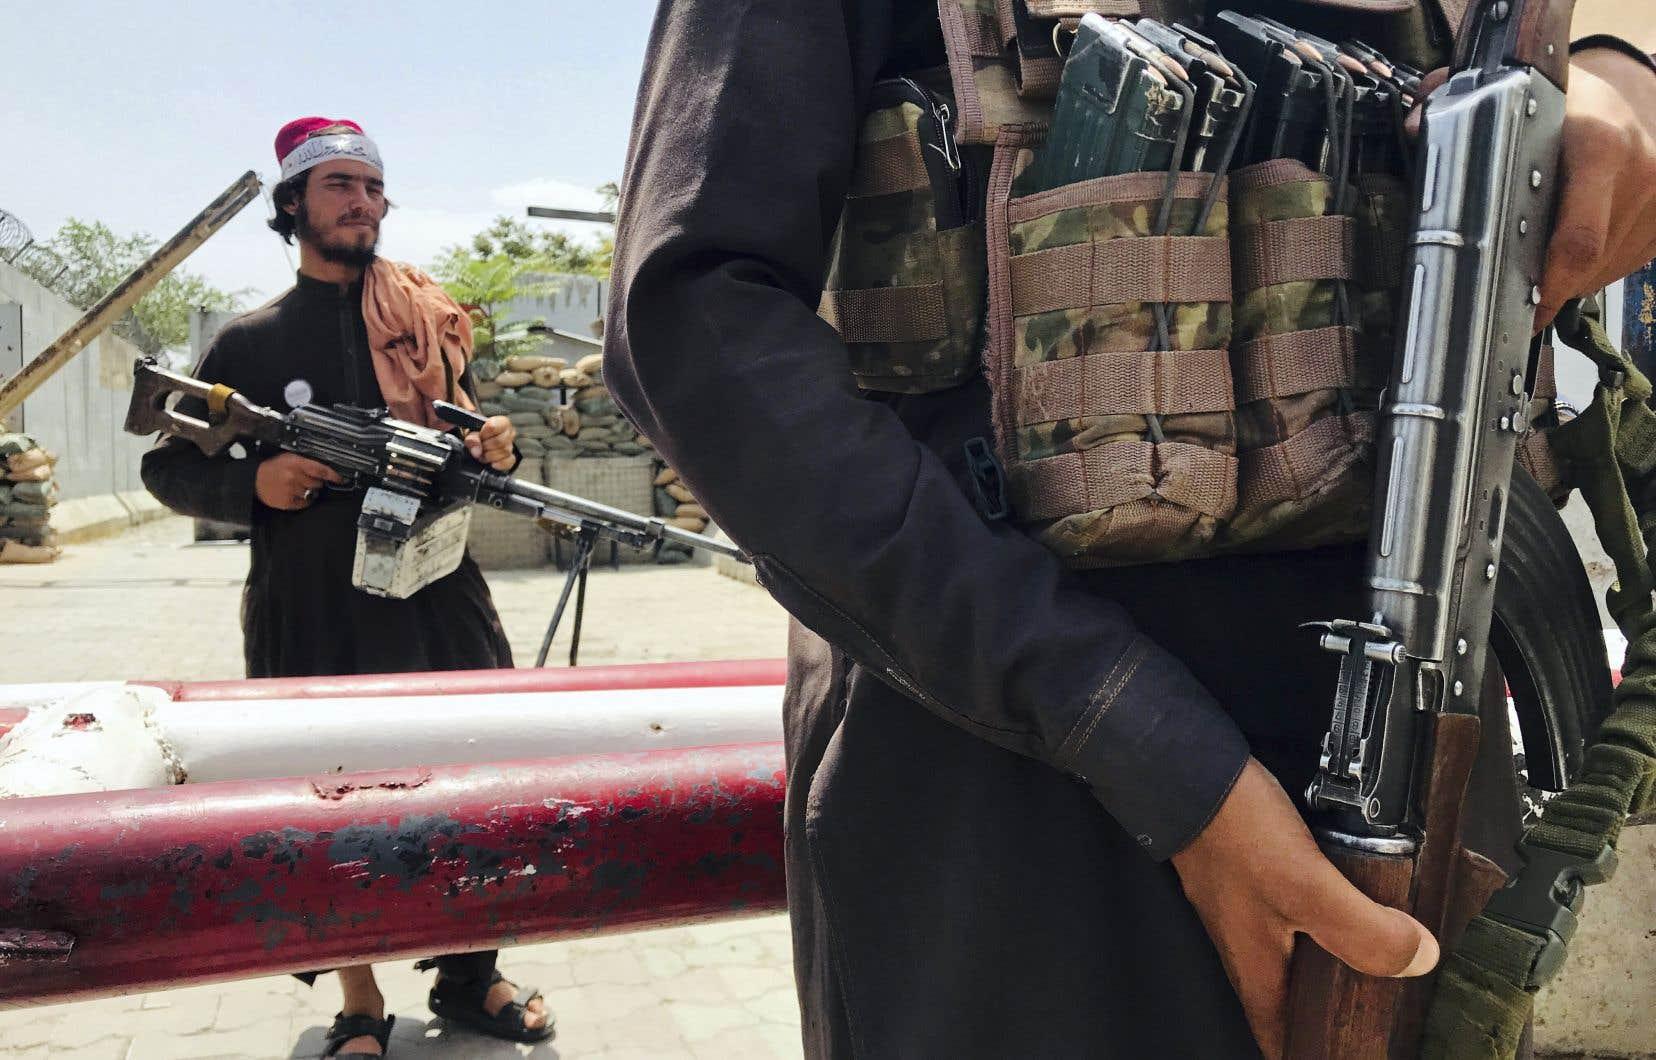 À moyen terme, la domination talibane pourrait être fragilisée, en partie à cause de l'opposition venant de groupes minoritaires craintifs des talibans, estime l'auteur.